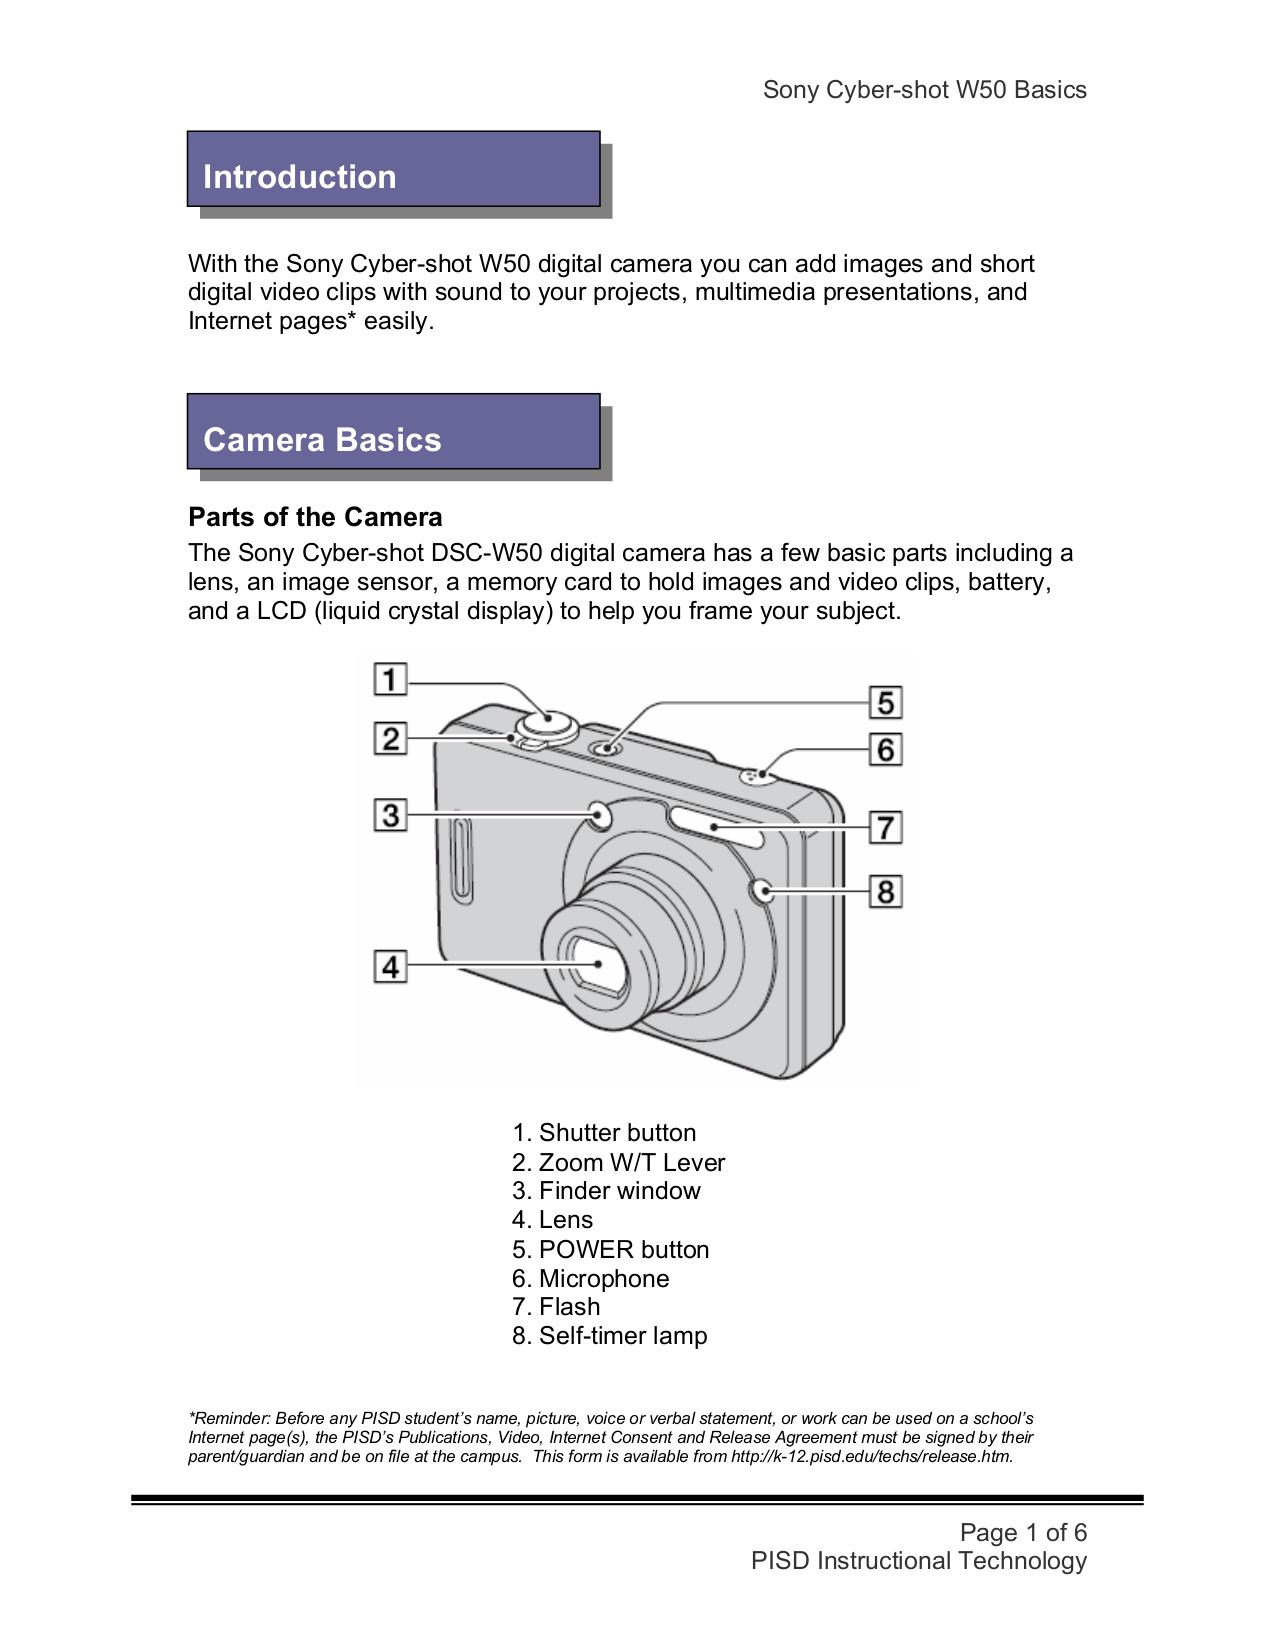 dsc w50 manual daily instruction manual guides u2022 rh testingwordpress co sony cyber shot dsc w50 manual pdf sony cyber shot dsc w50 manual pdf